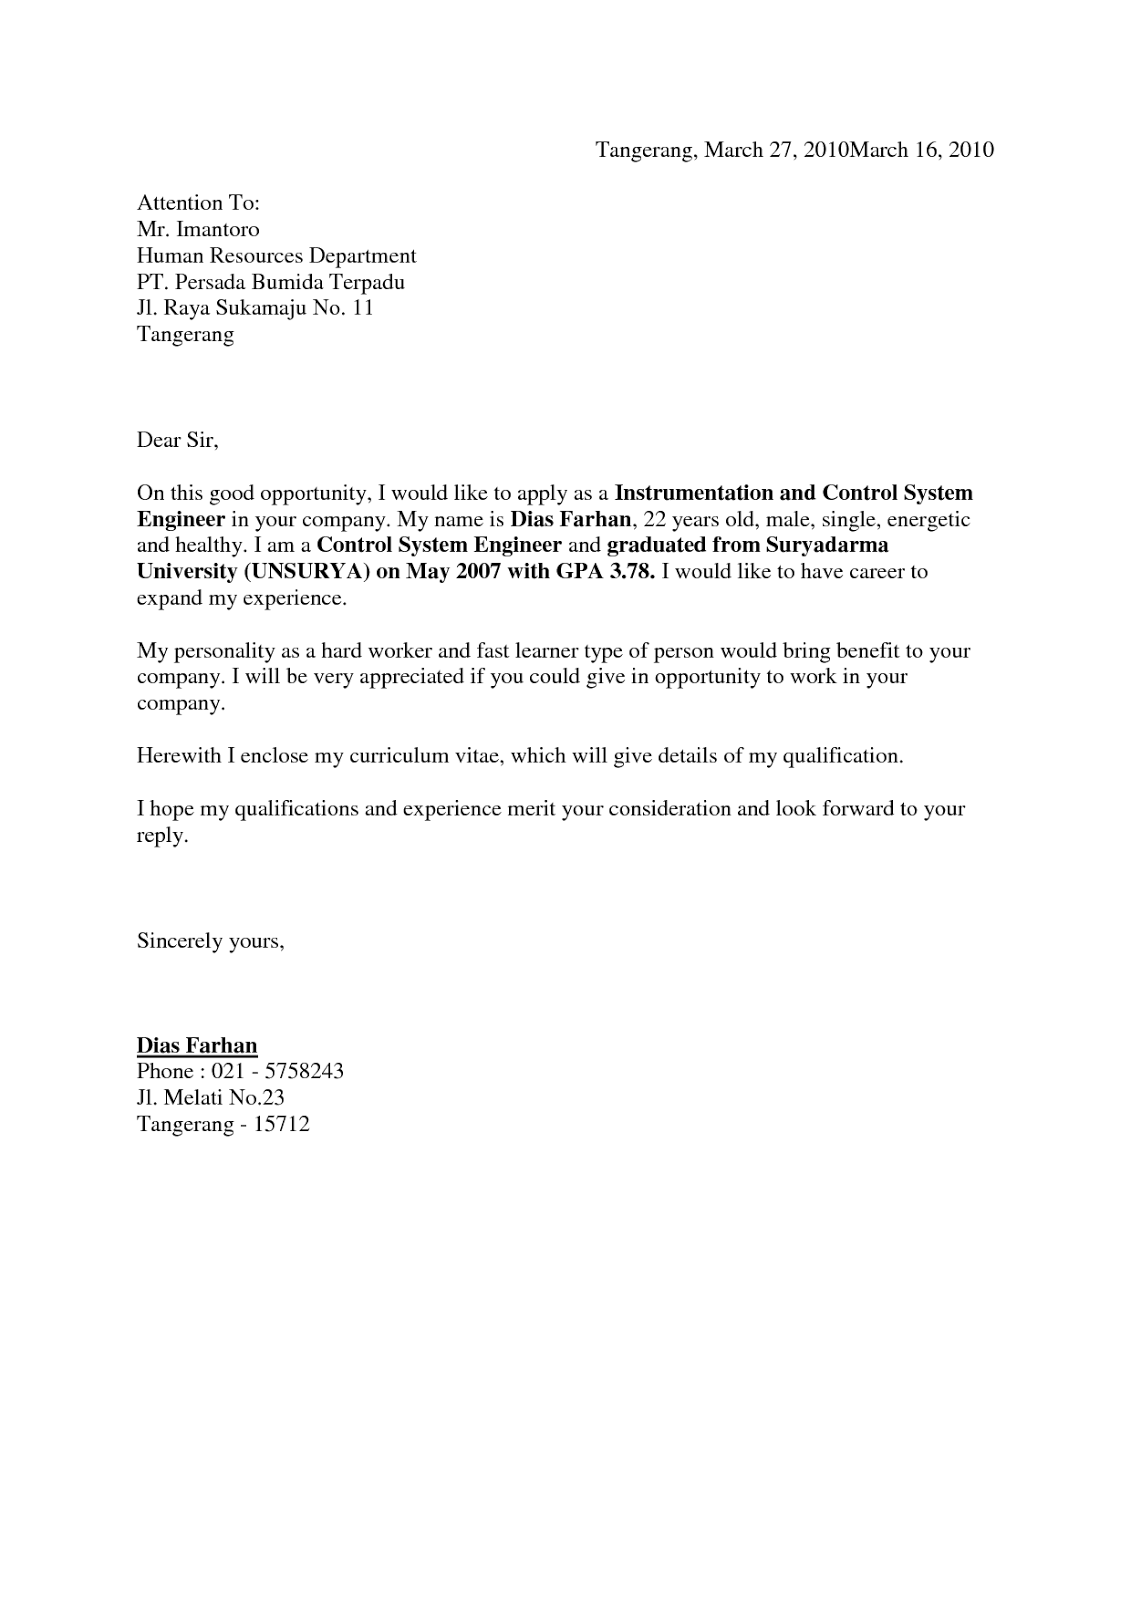 Contoh Surat Lamaran Kerja Receptionist Dalam Bahasa Inggris Dapatkan Contoh